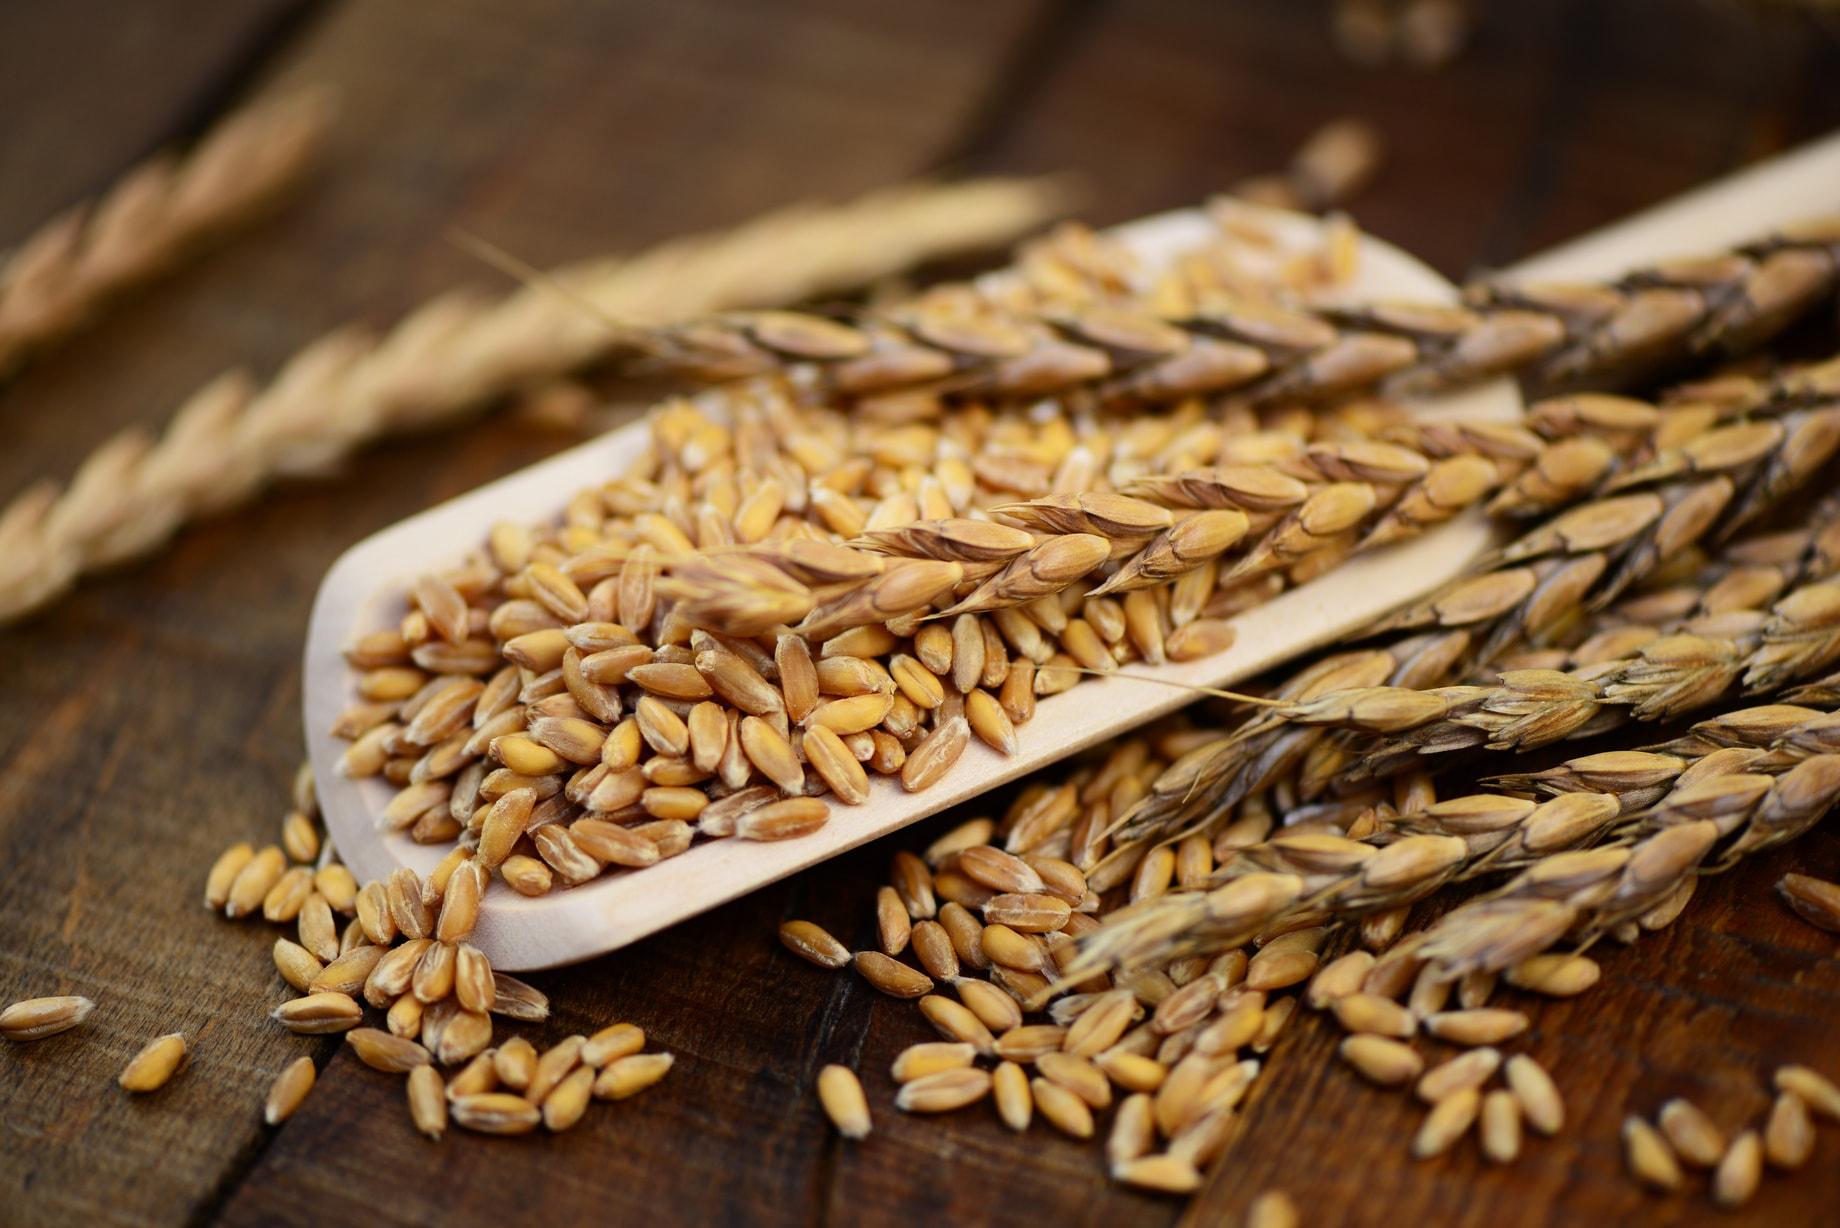 ディンケル小麦,スペルト小麦